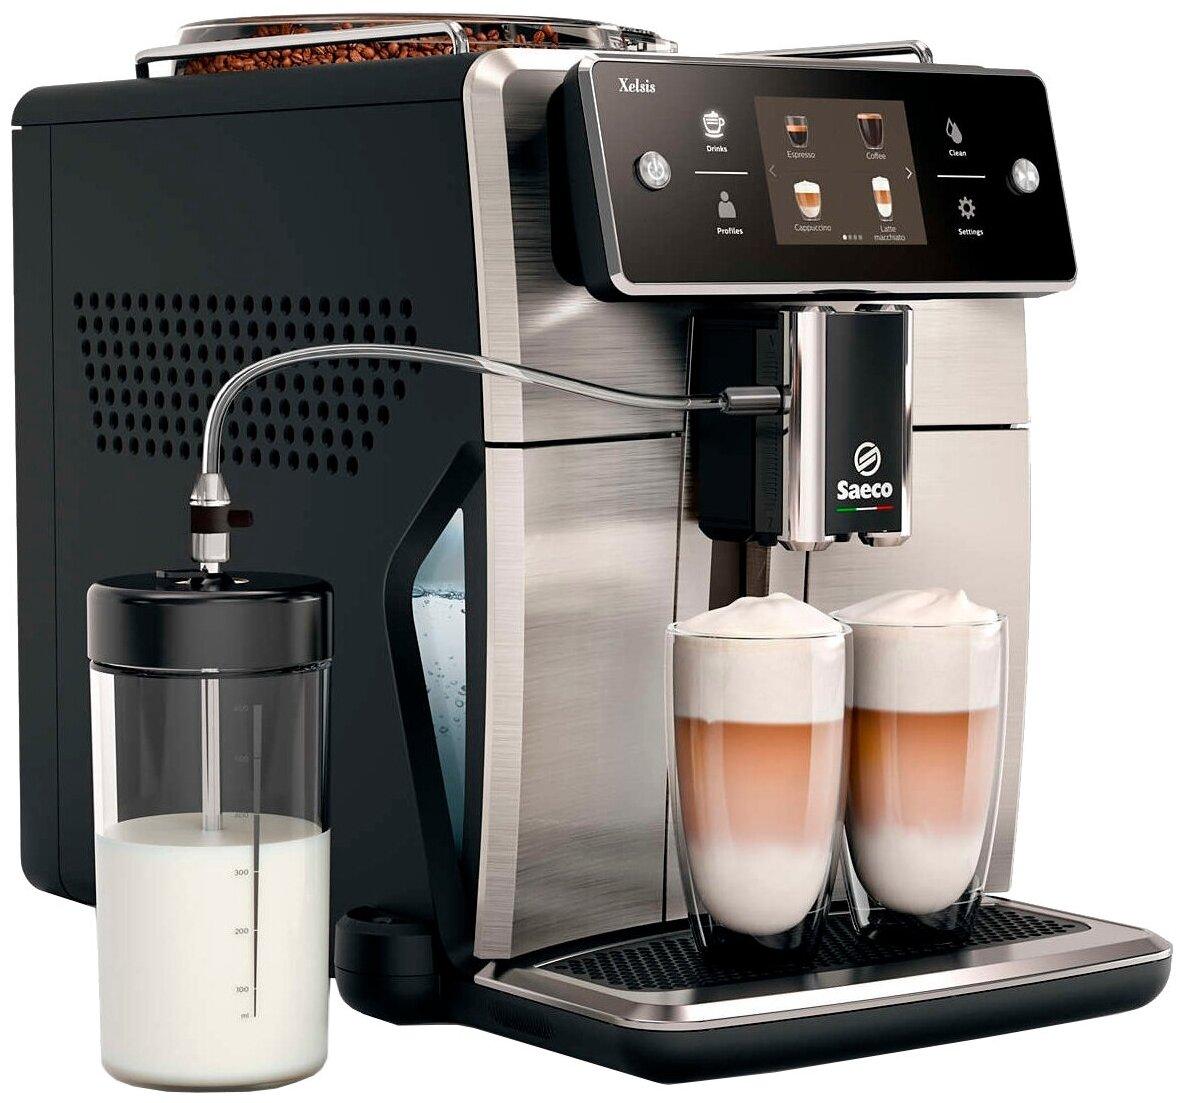 Saeco SM7683 Xelsis - приготовление капучино: автоматическое